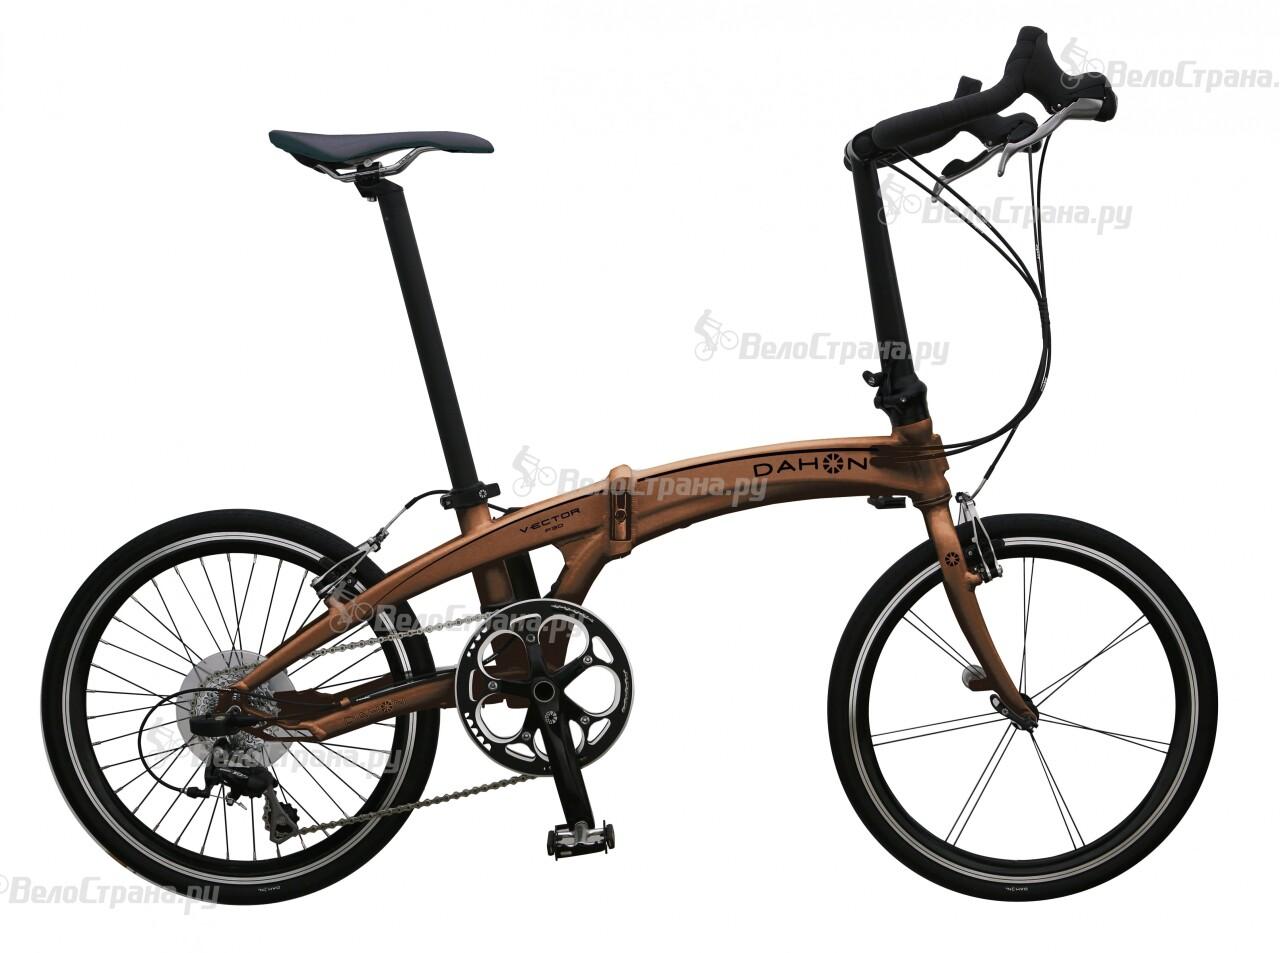 Велосипед Dahon Vector DD30 (2016) велосипед dahon mariner d7 2015